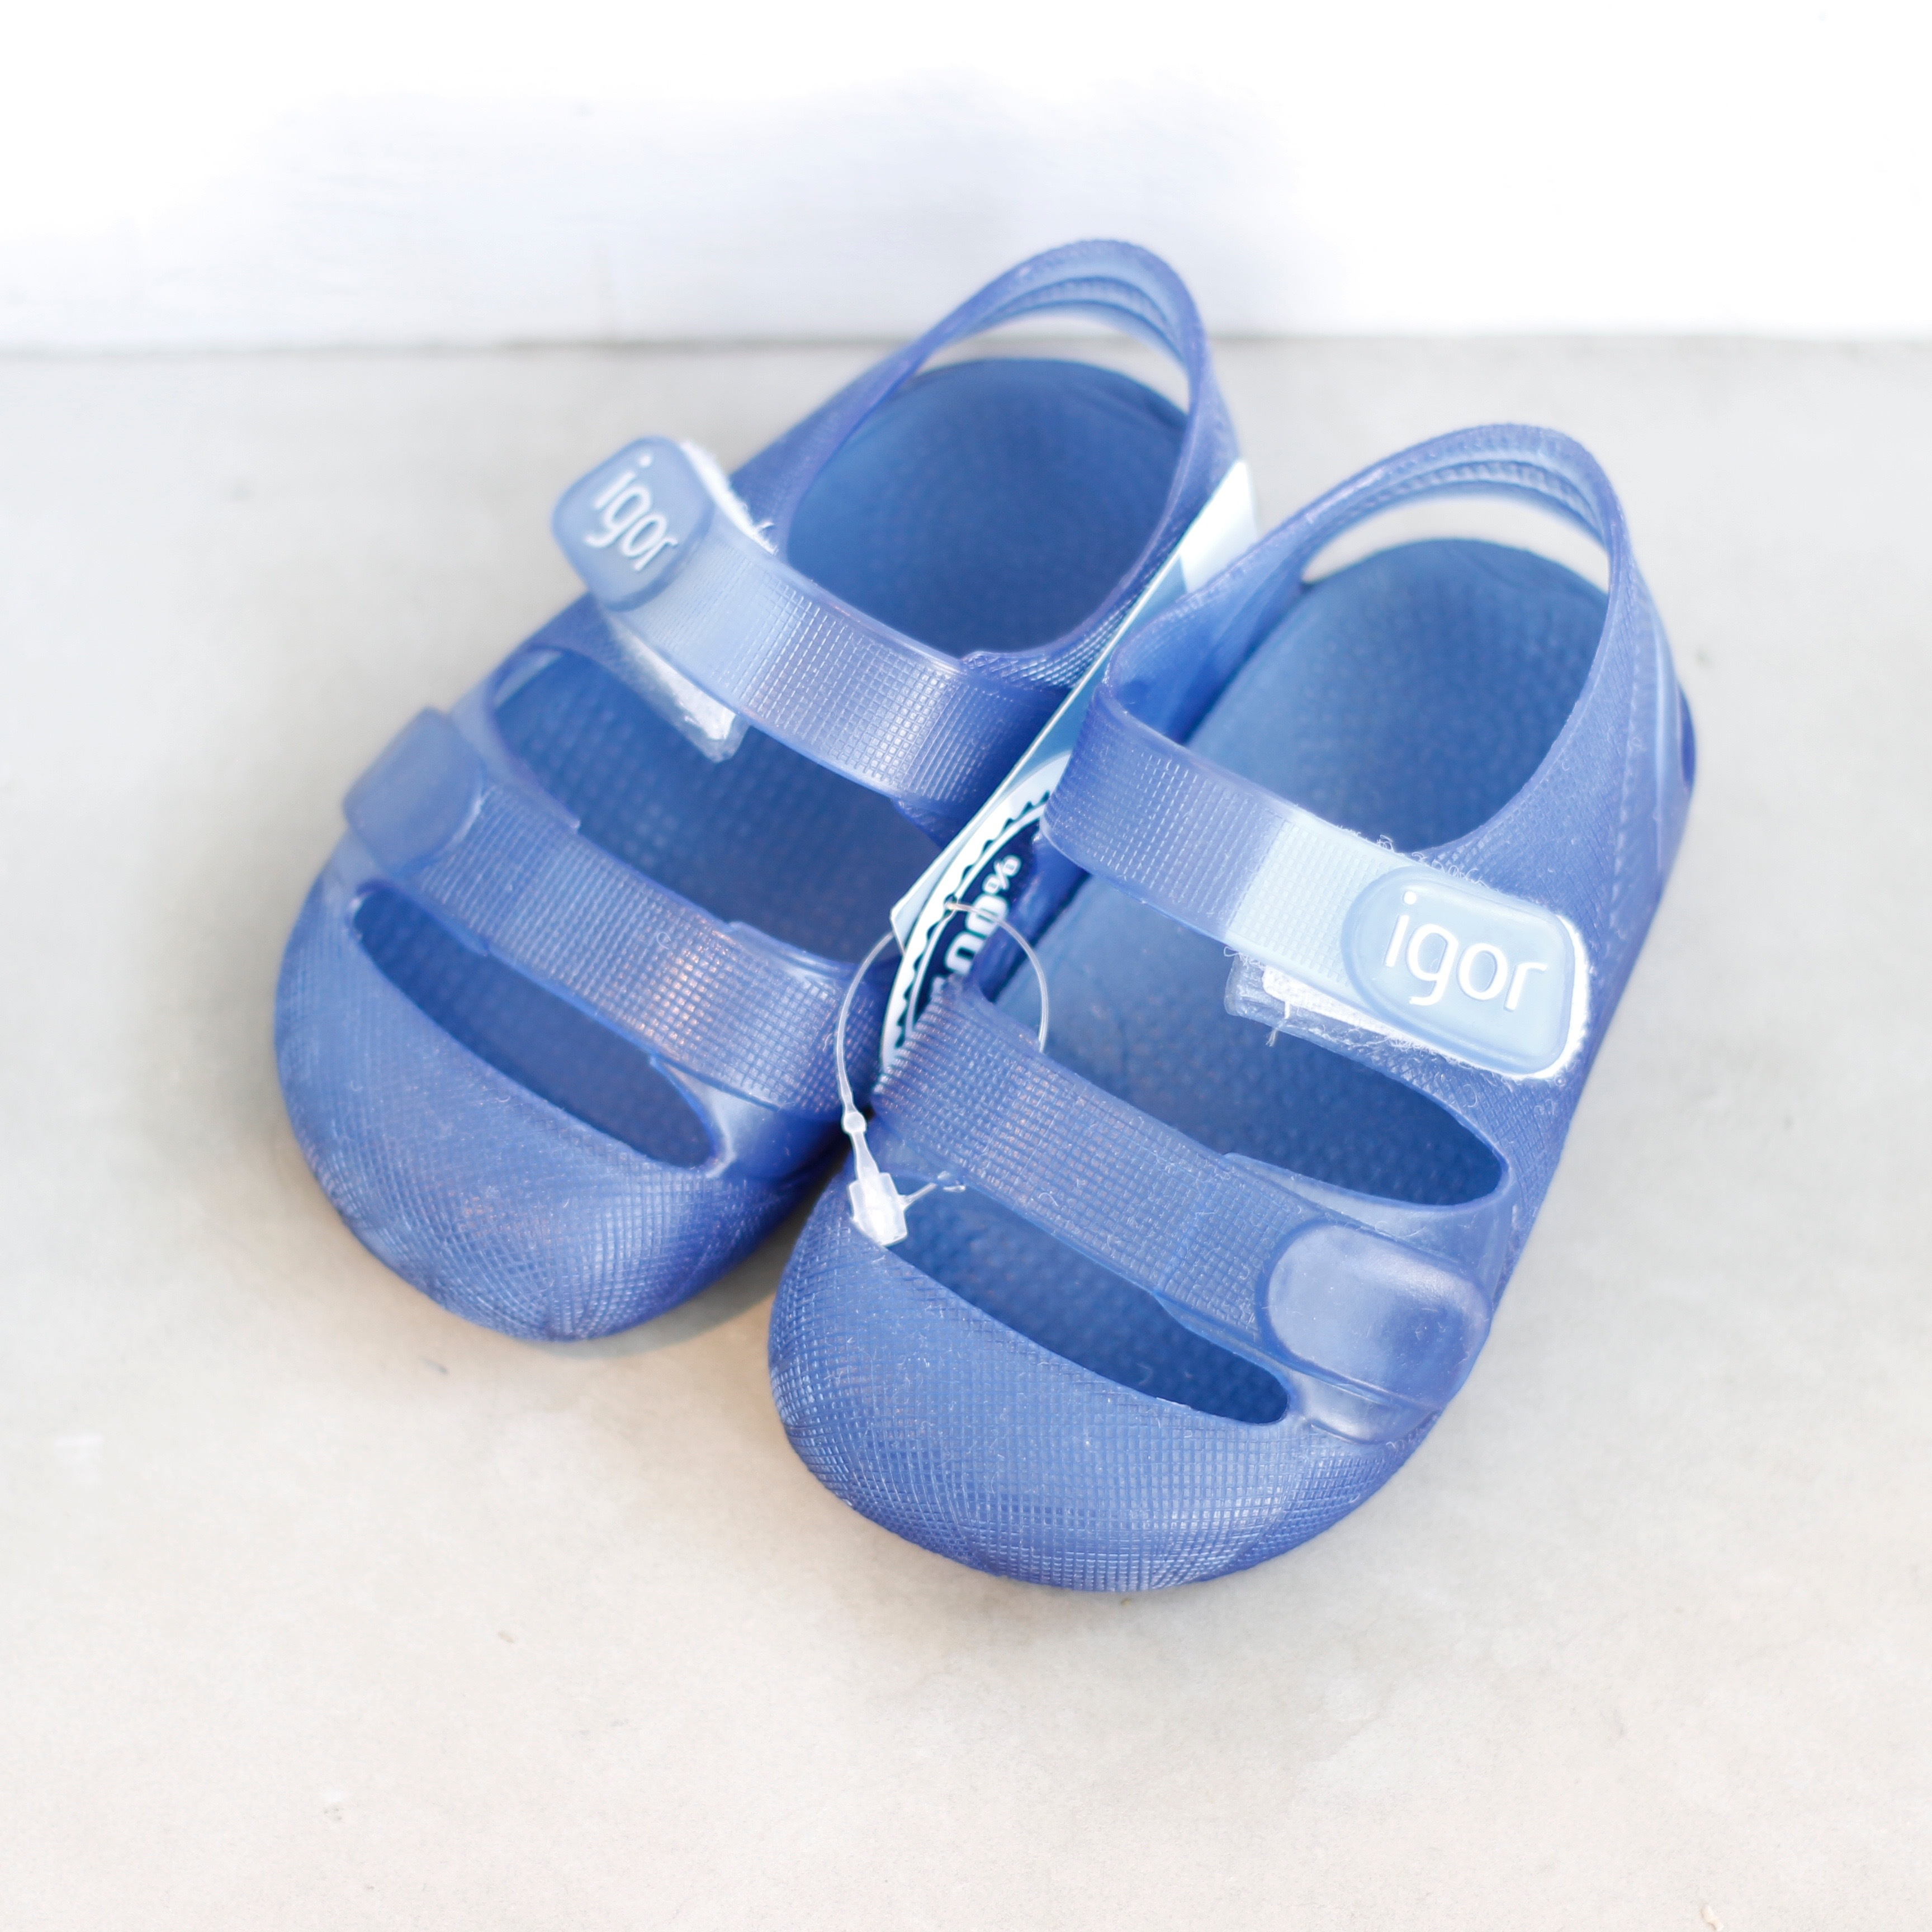 《igor》BONDI / Azul(blue)/ 16.5cm・17cm